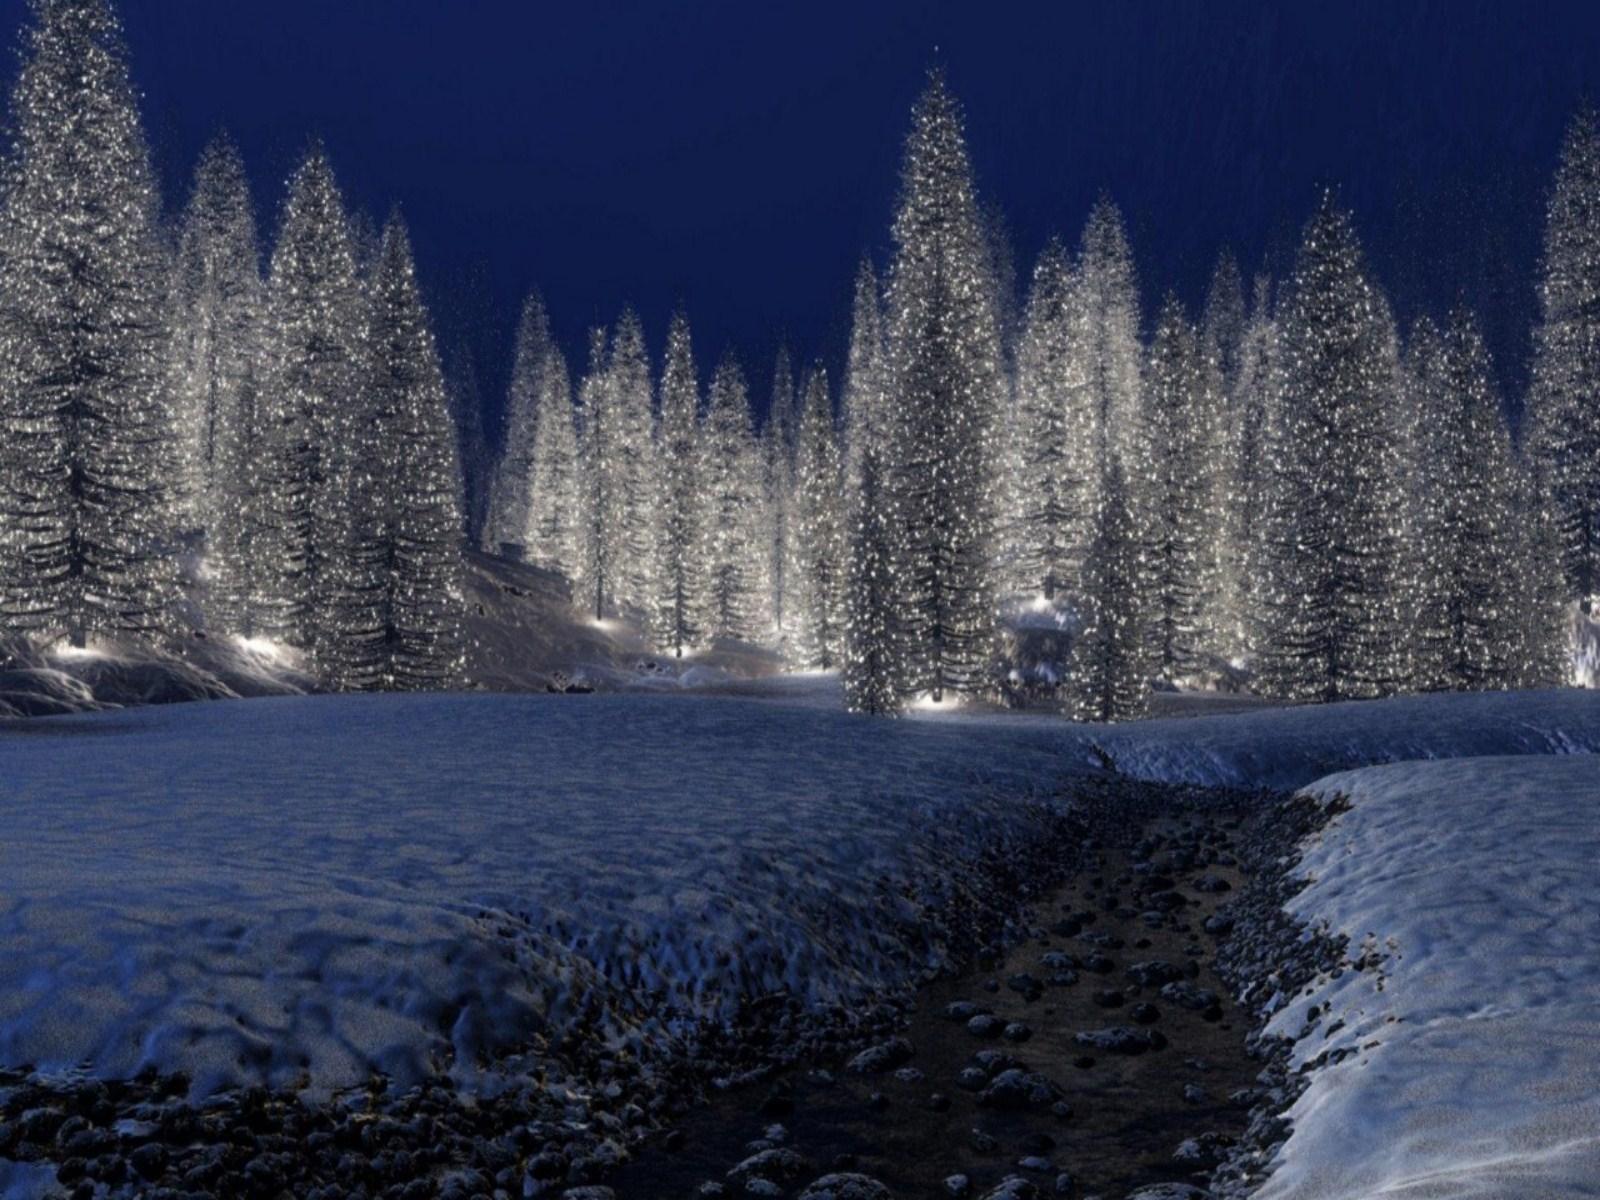 Snowy Scenes Wallpaper - WallpaperSafari